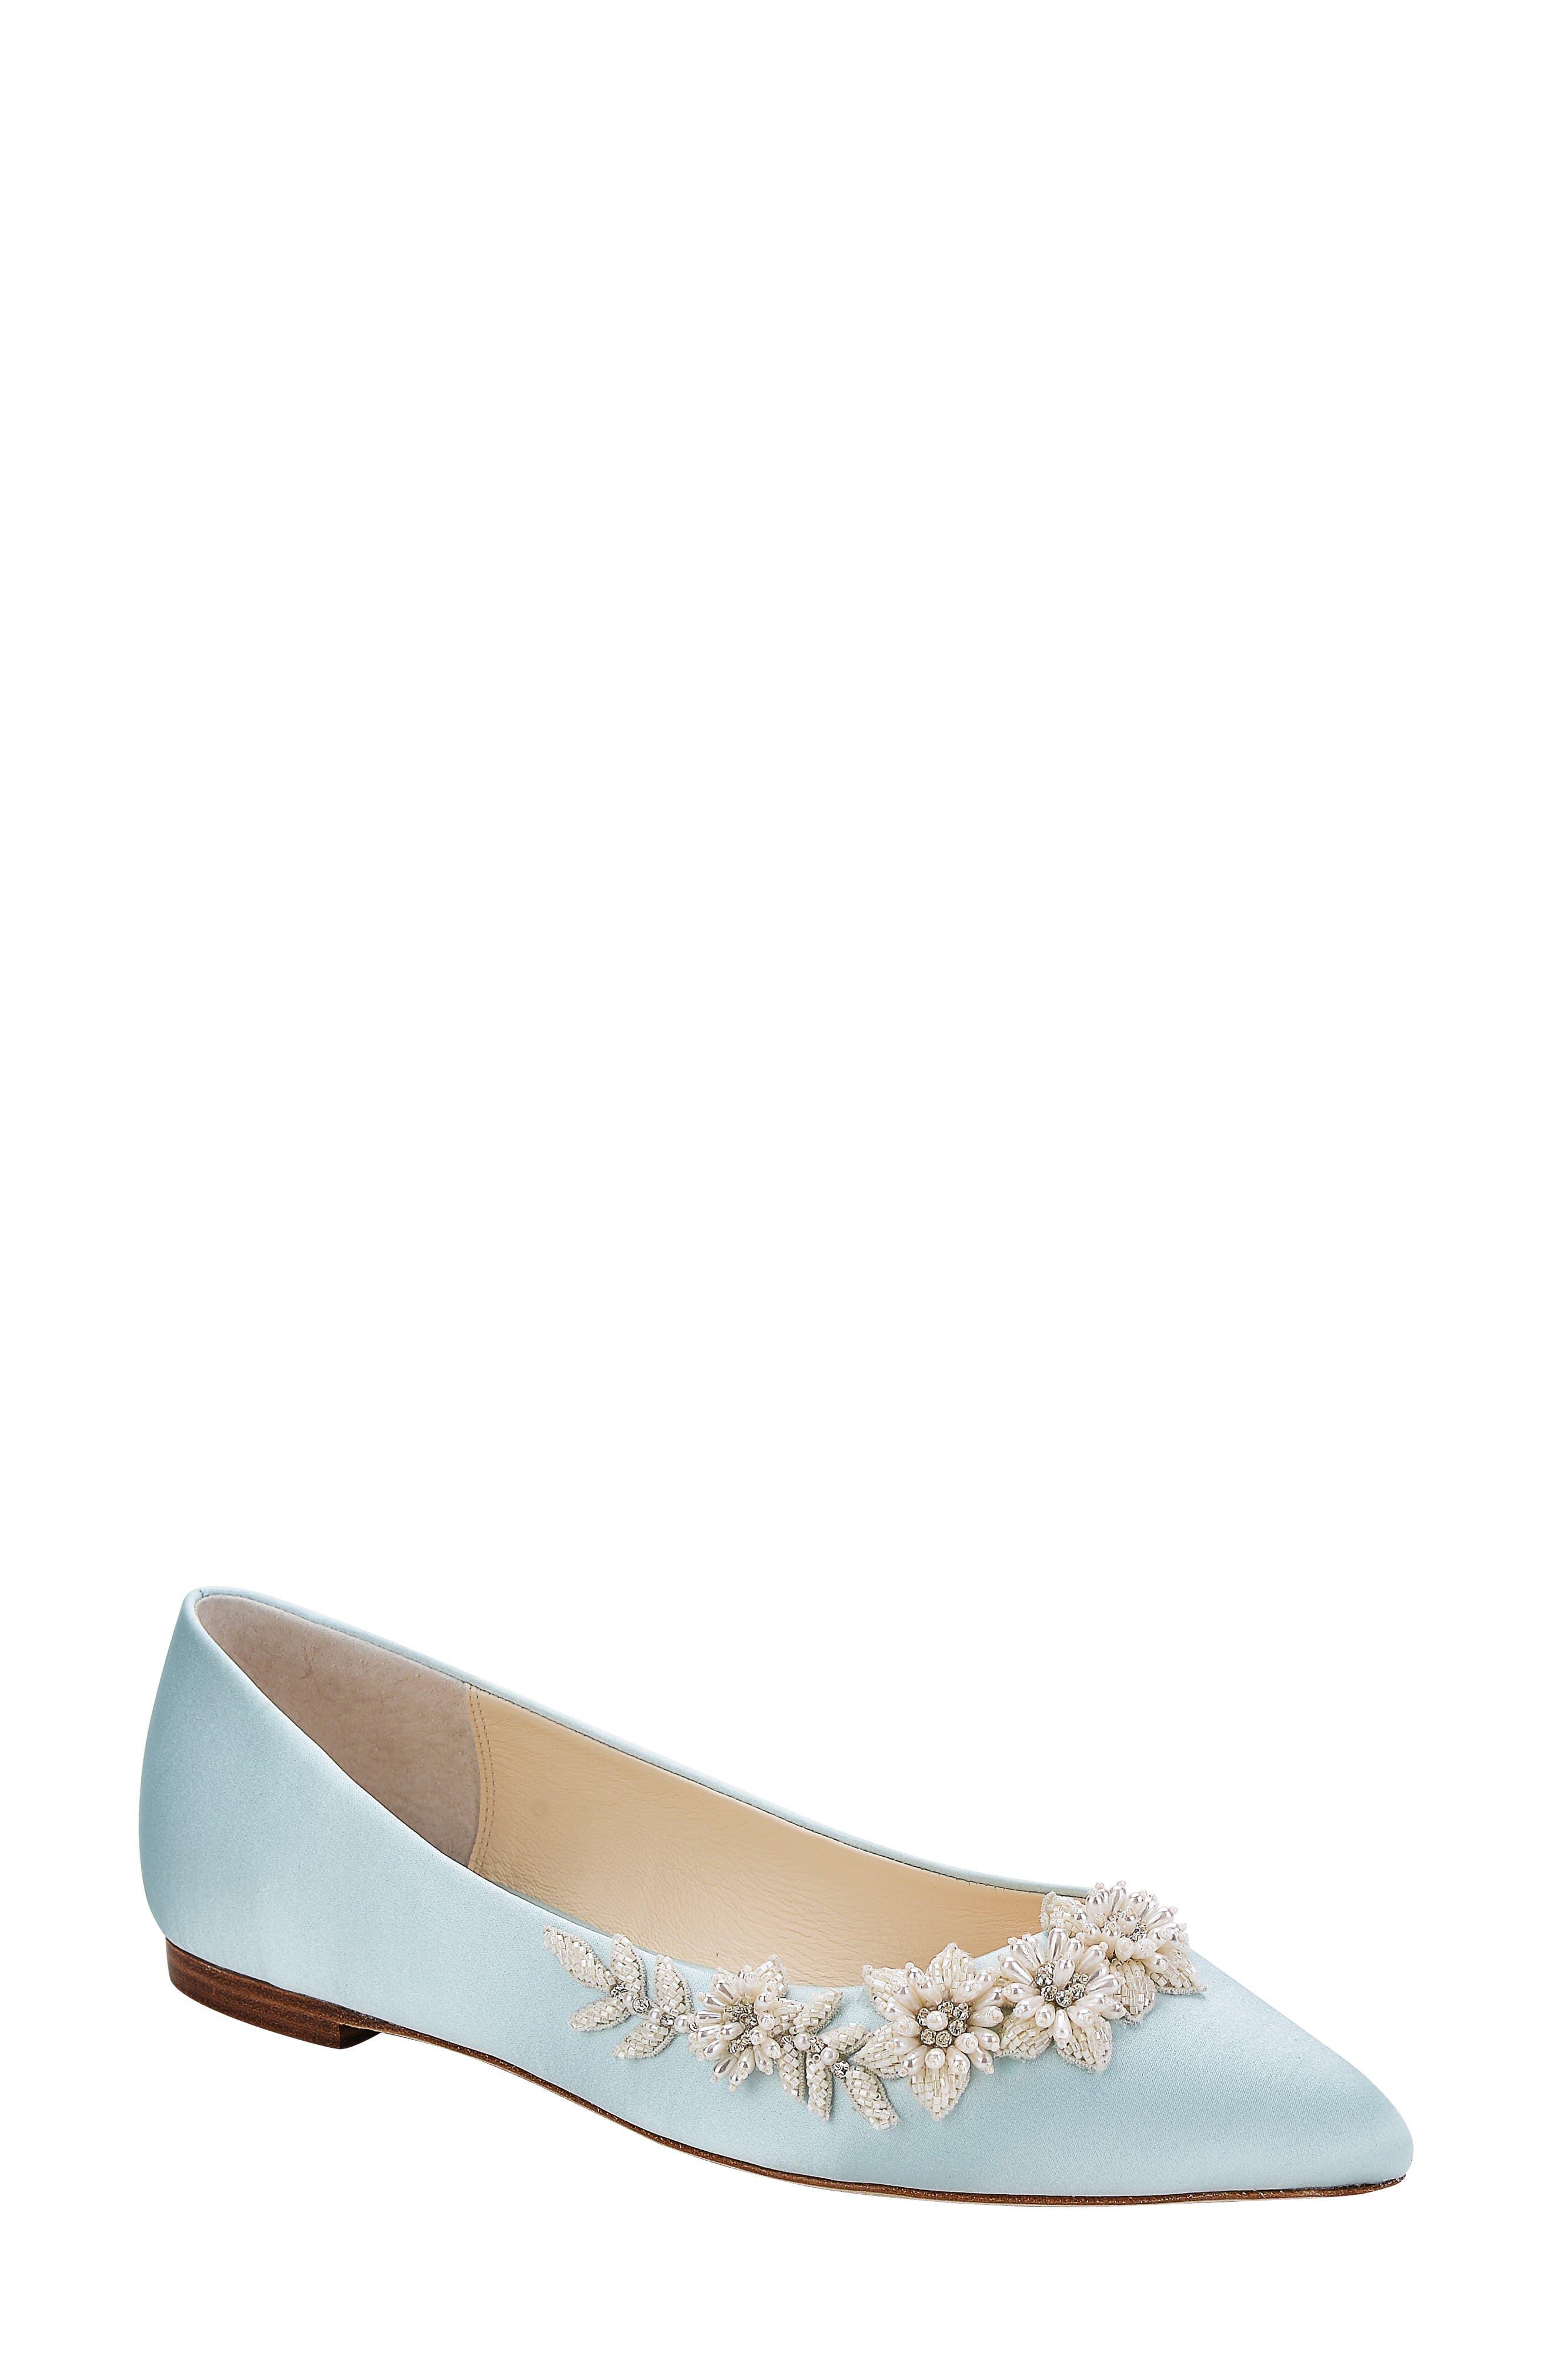 Daisy Embellished Ballet Flat